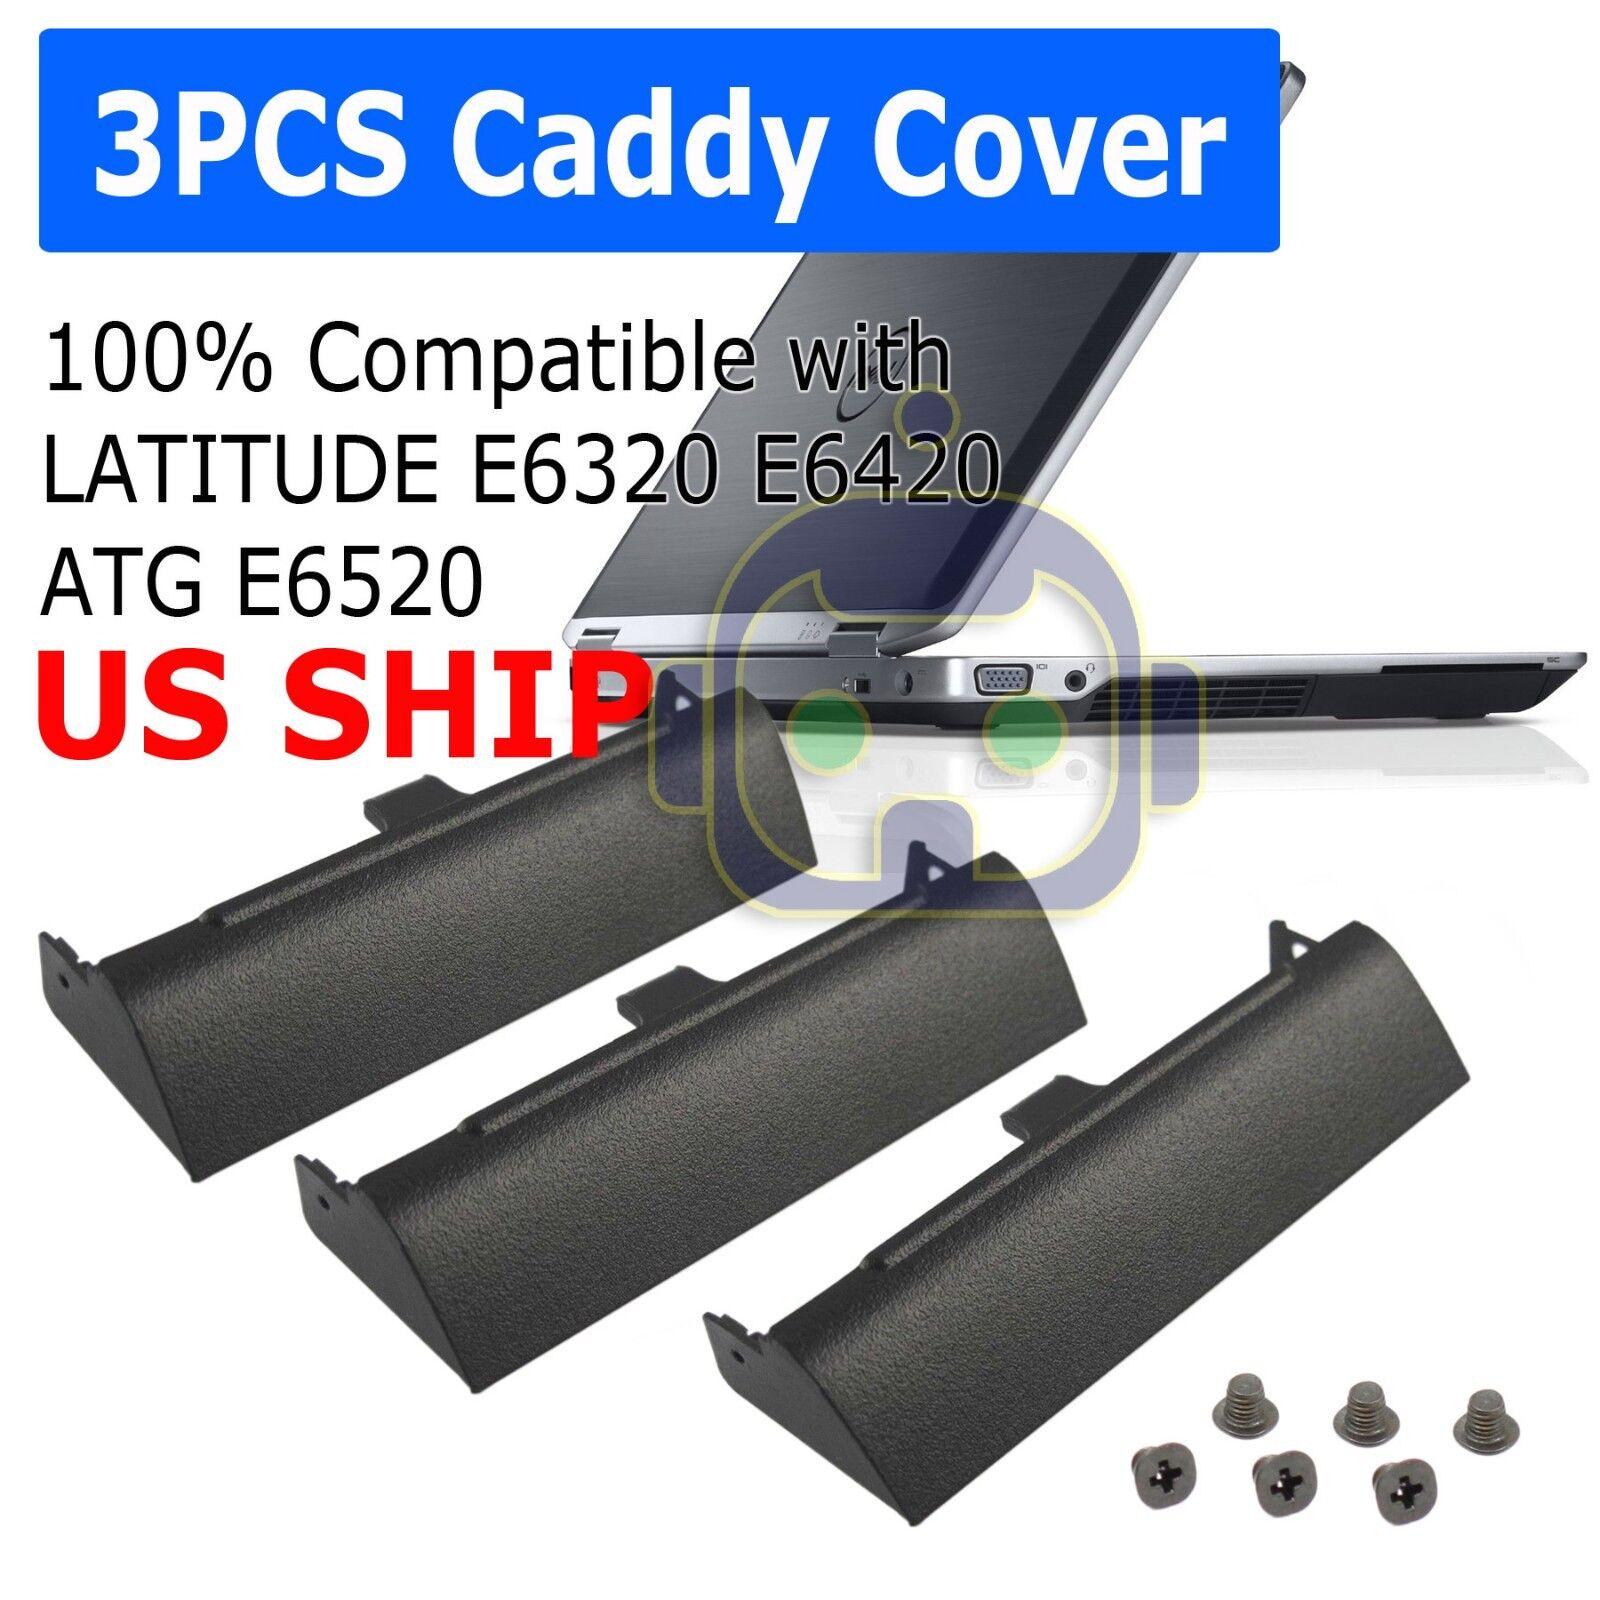 3 PCS HARD DRIVE CADDY COVER FOR DELL LATITUDE E6320 E6420 A